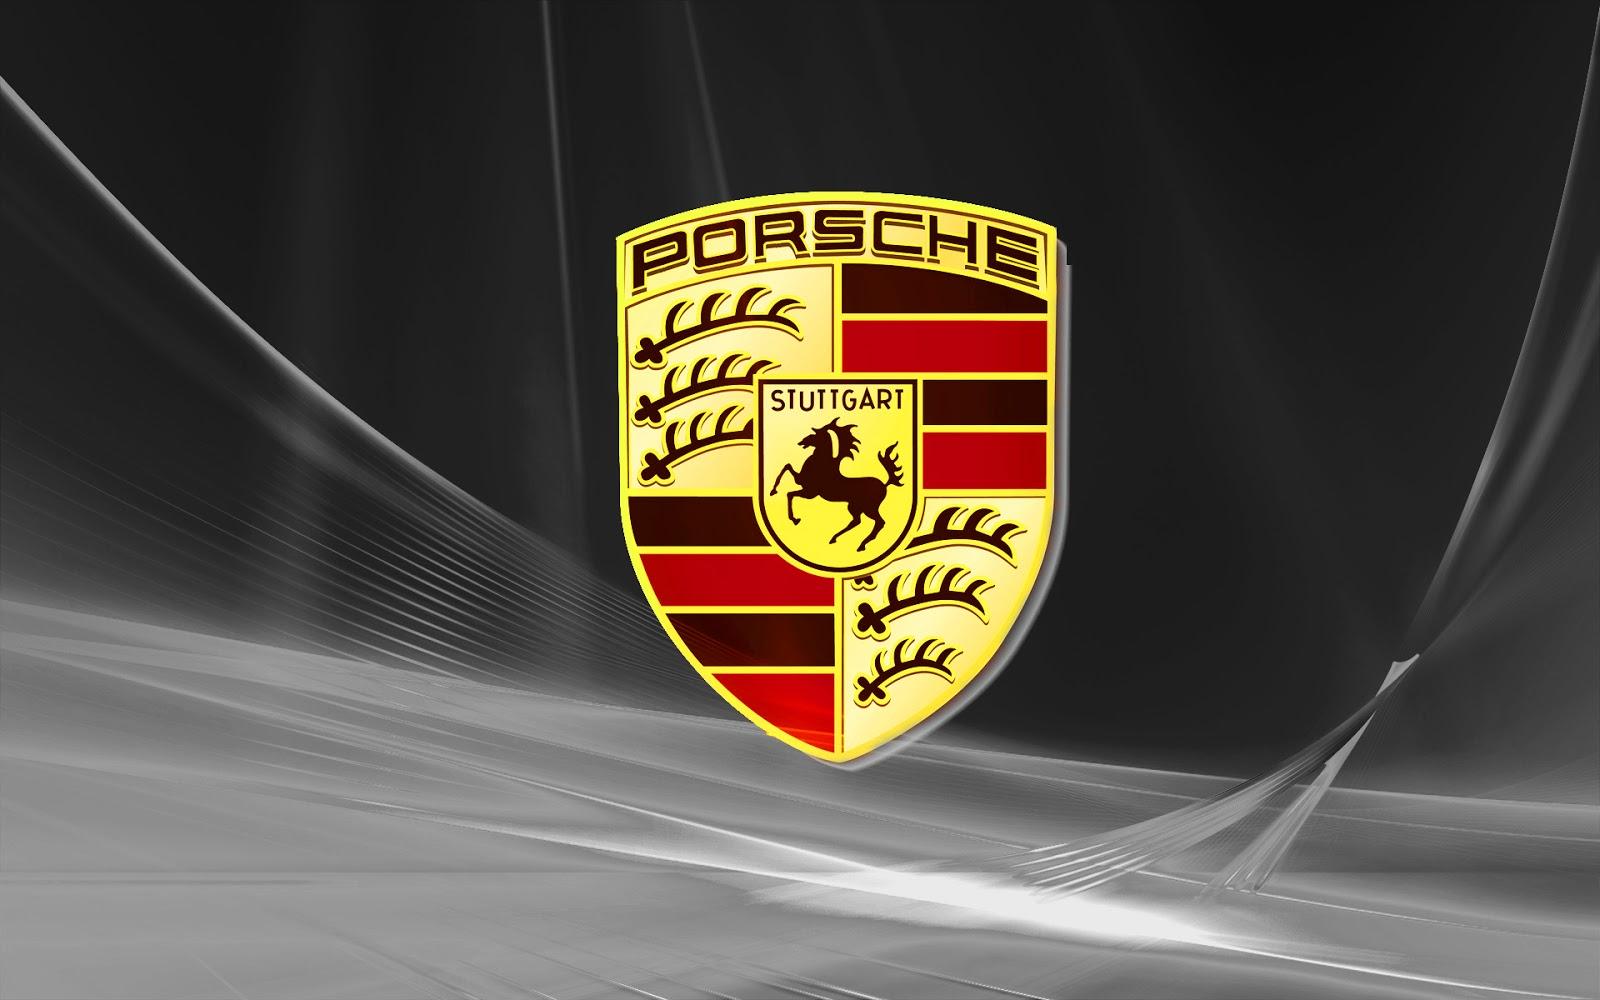 the-logo-of-porsche